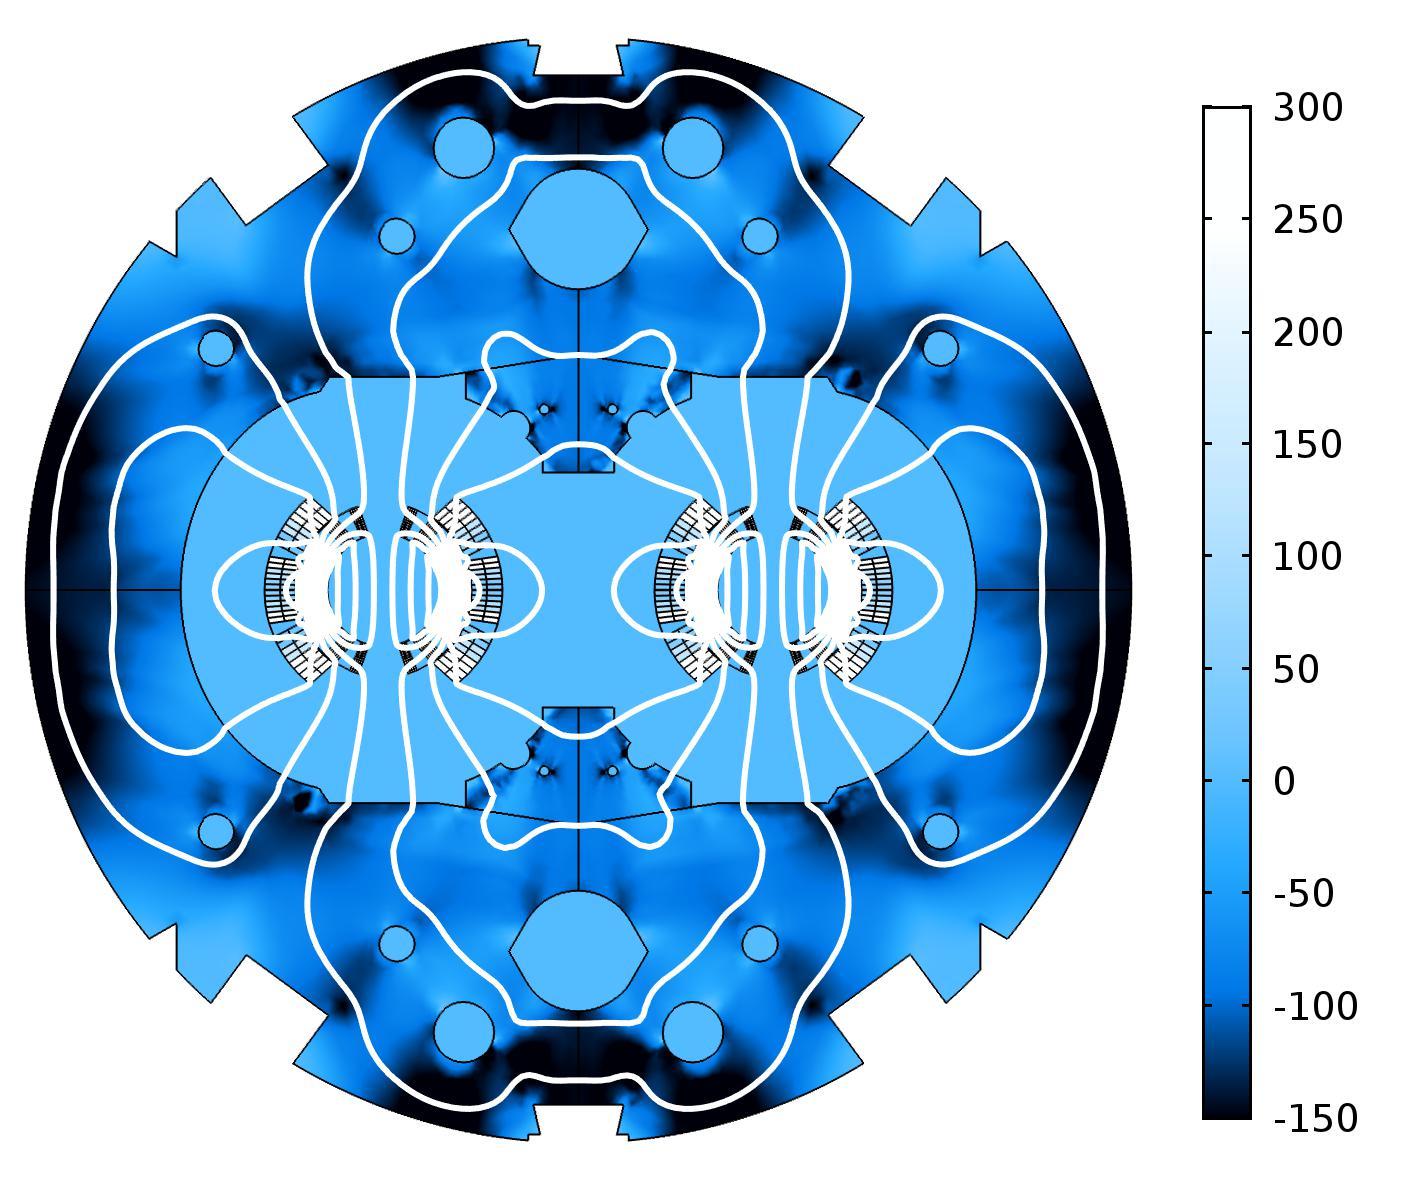 Анализ срывов сверхпроводимости магнитов Большого адронного коллайдера в CERN - 6